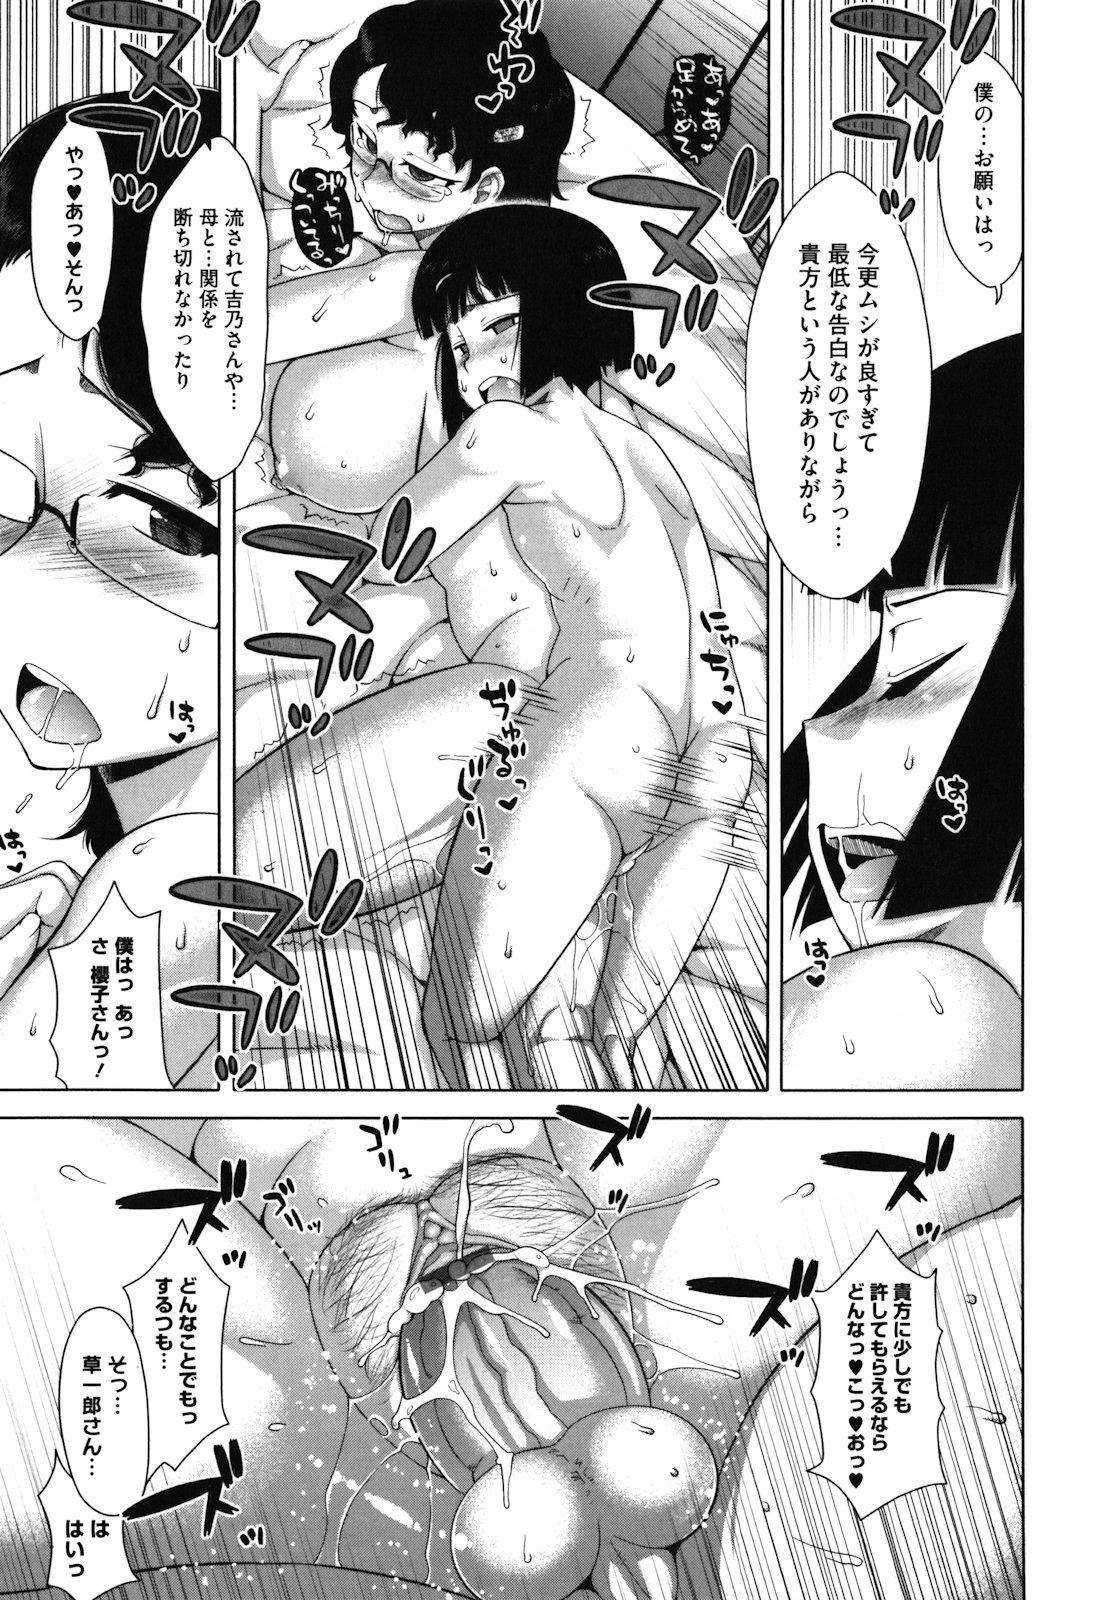 【エロ漫画】ショタにリードするようにエッチな事をするムチムチ眼鏡お姉さん…彼女は彼に積極的にフェラや手コキした挙げ句、生ハメセックスをして感じまくる!